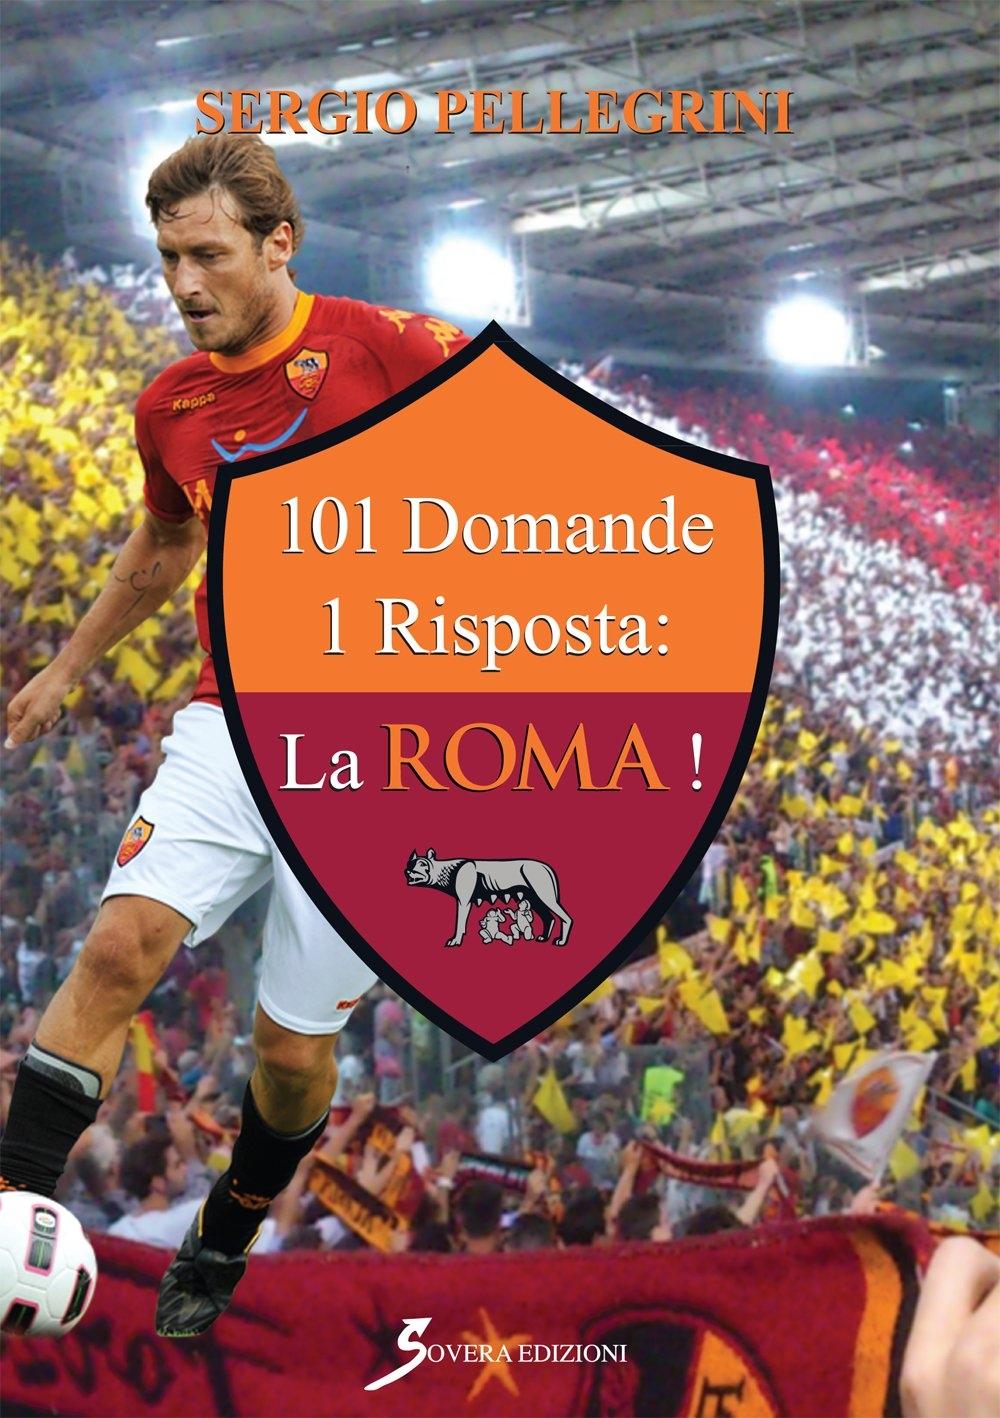 101 domande 1 risposta: la Roma!